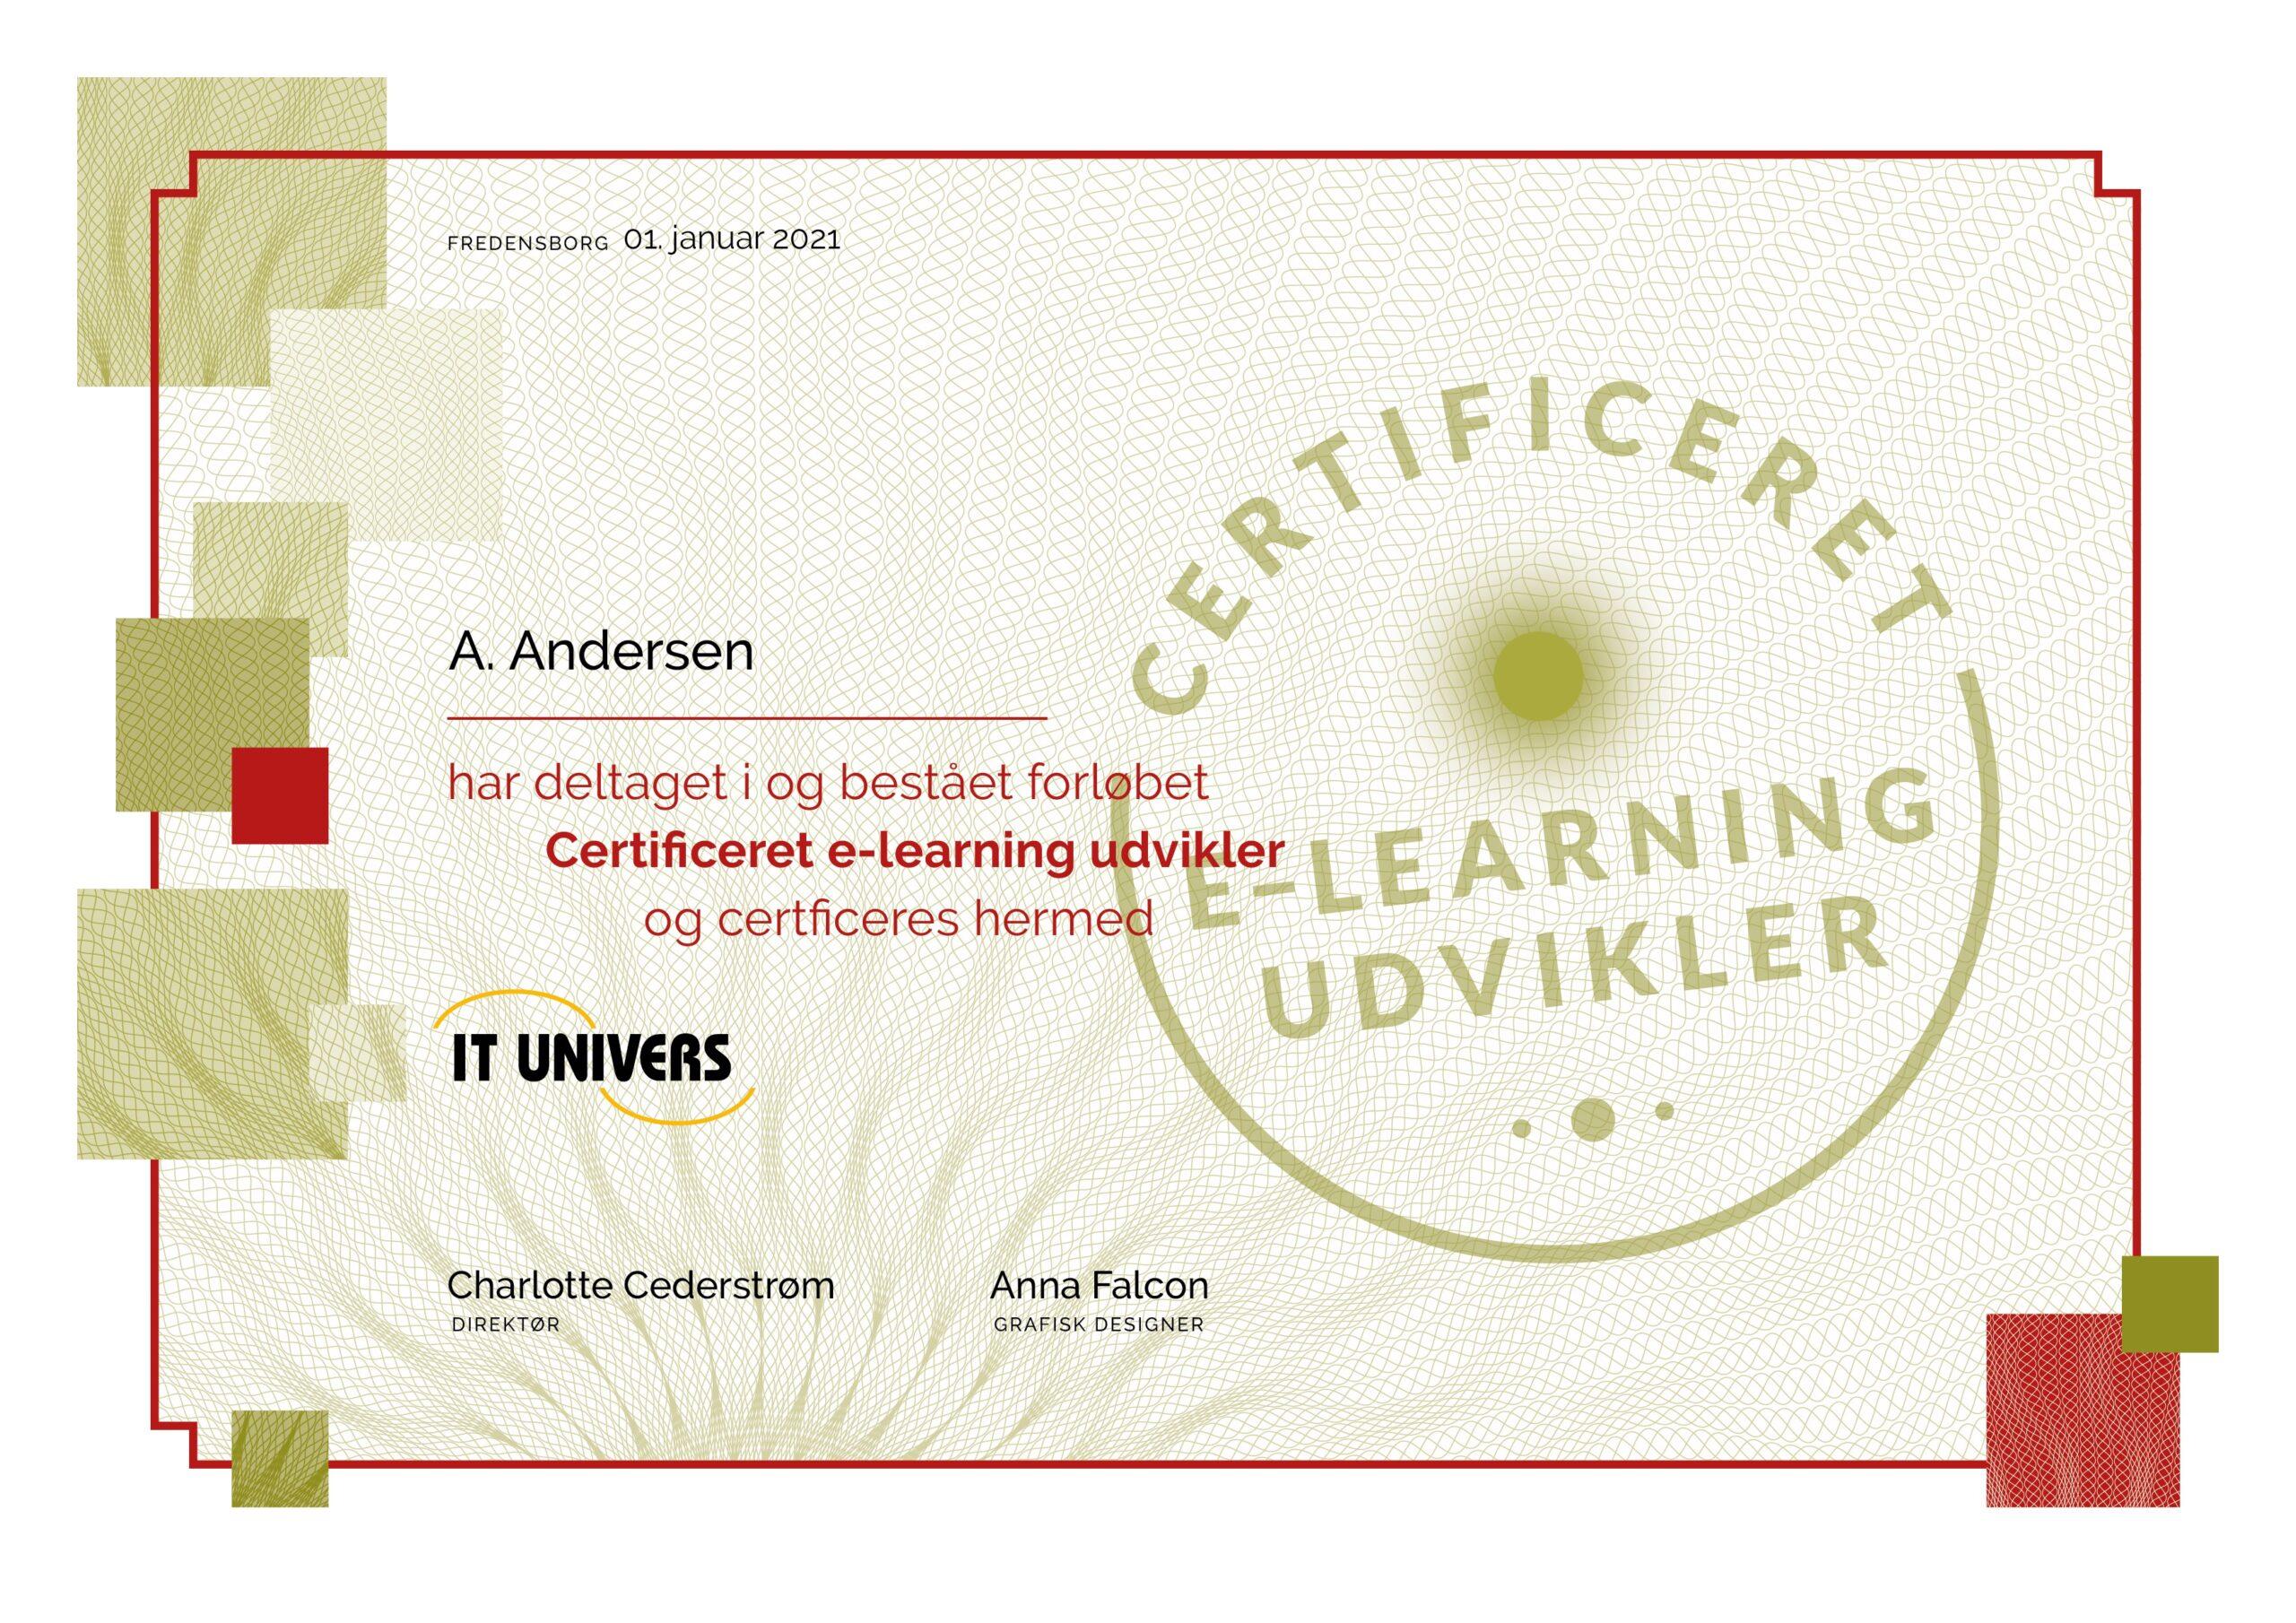 Certificeret e-learning udvikler certifikat Articulate Storyline